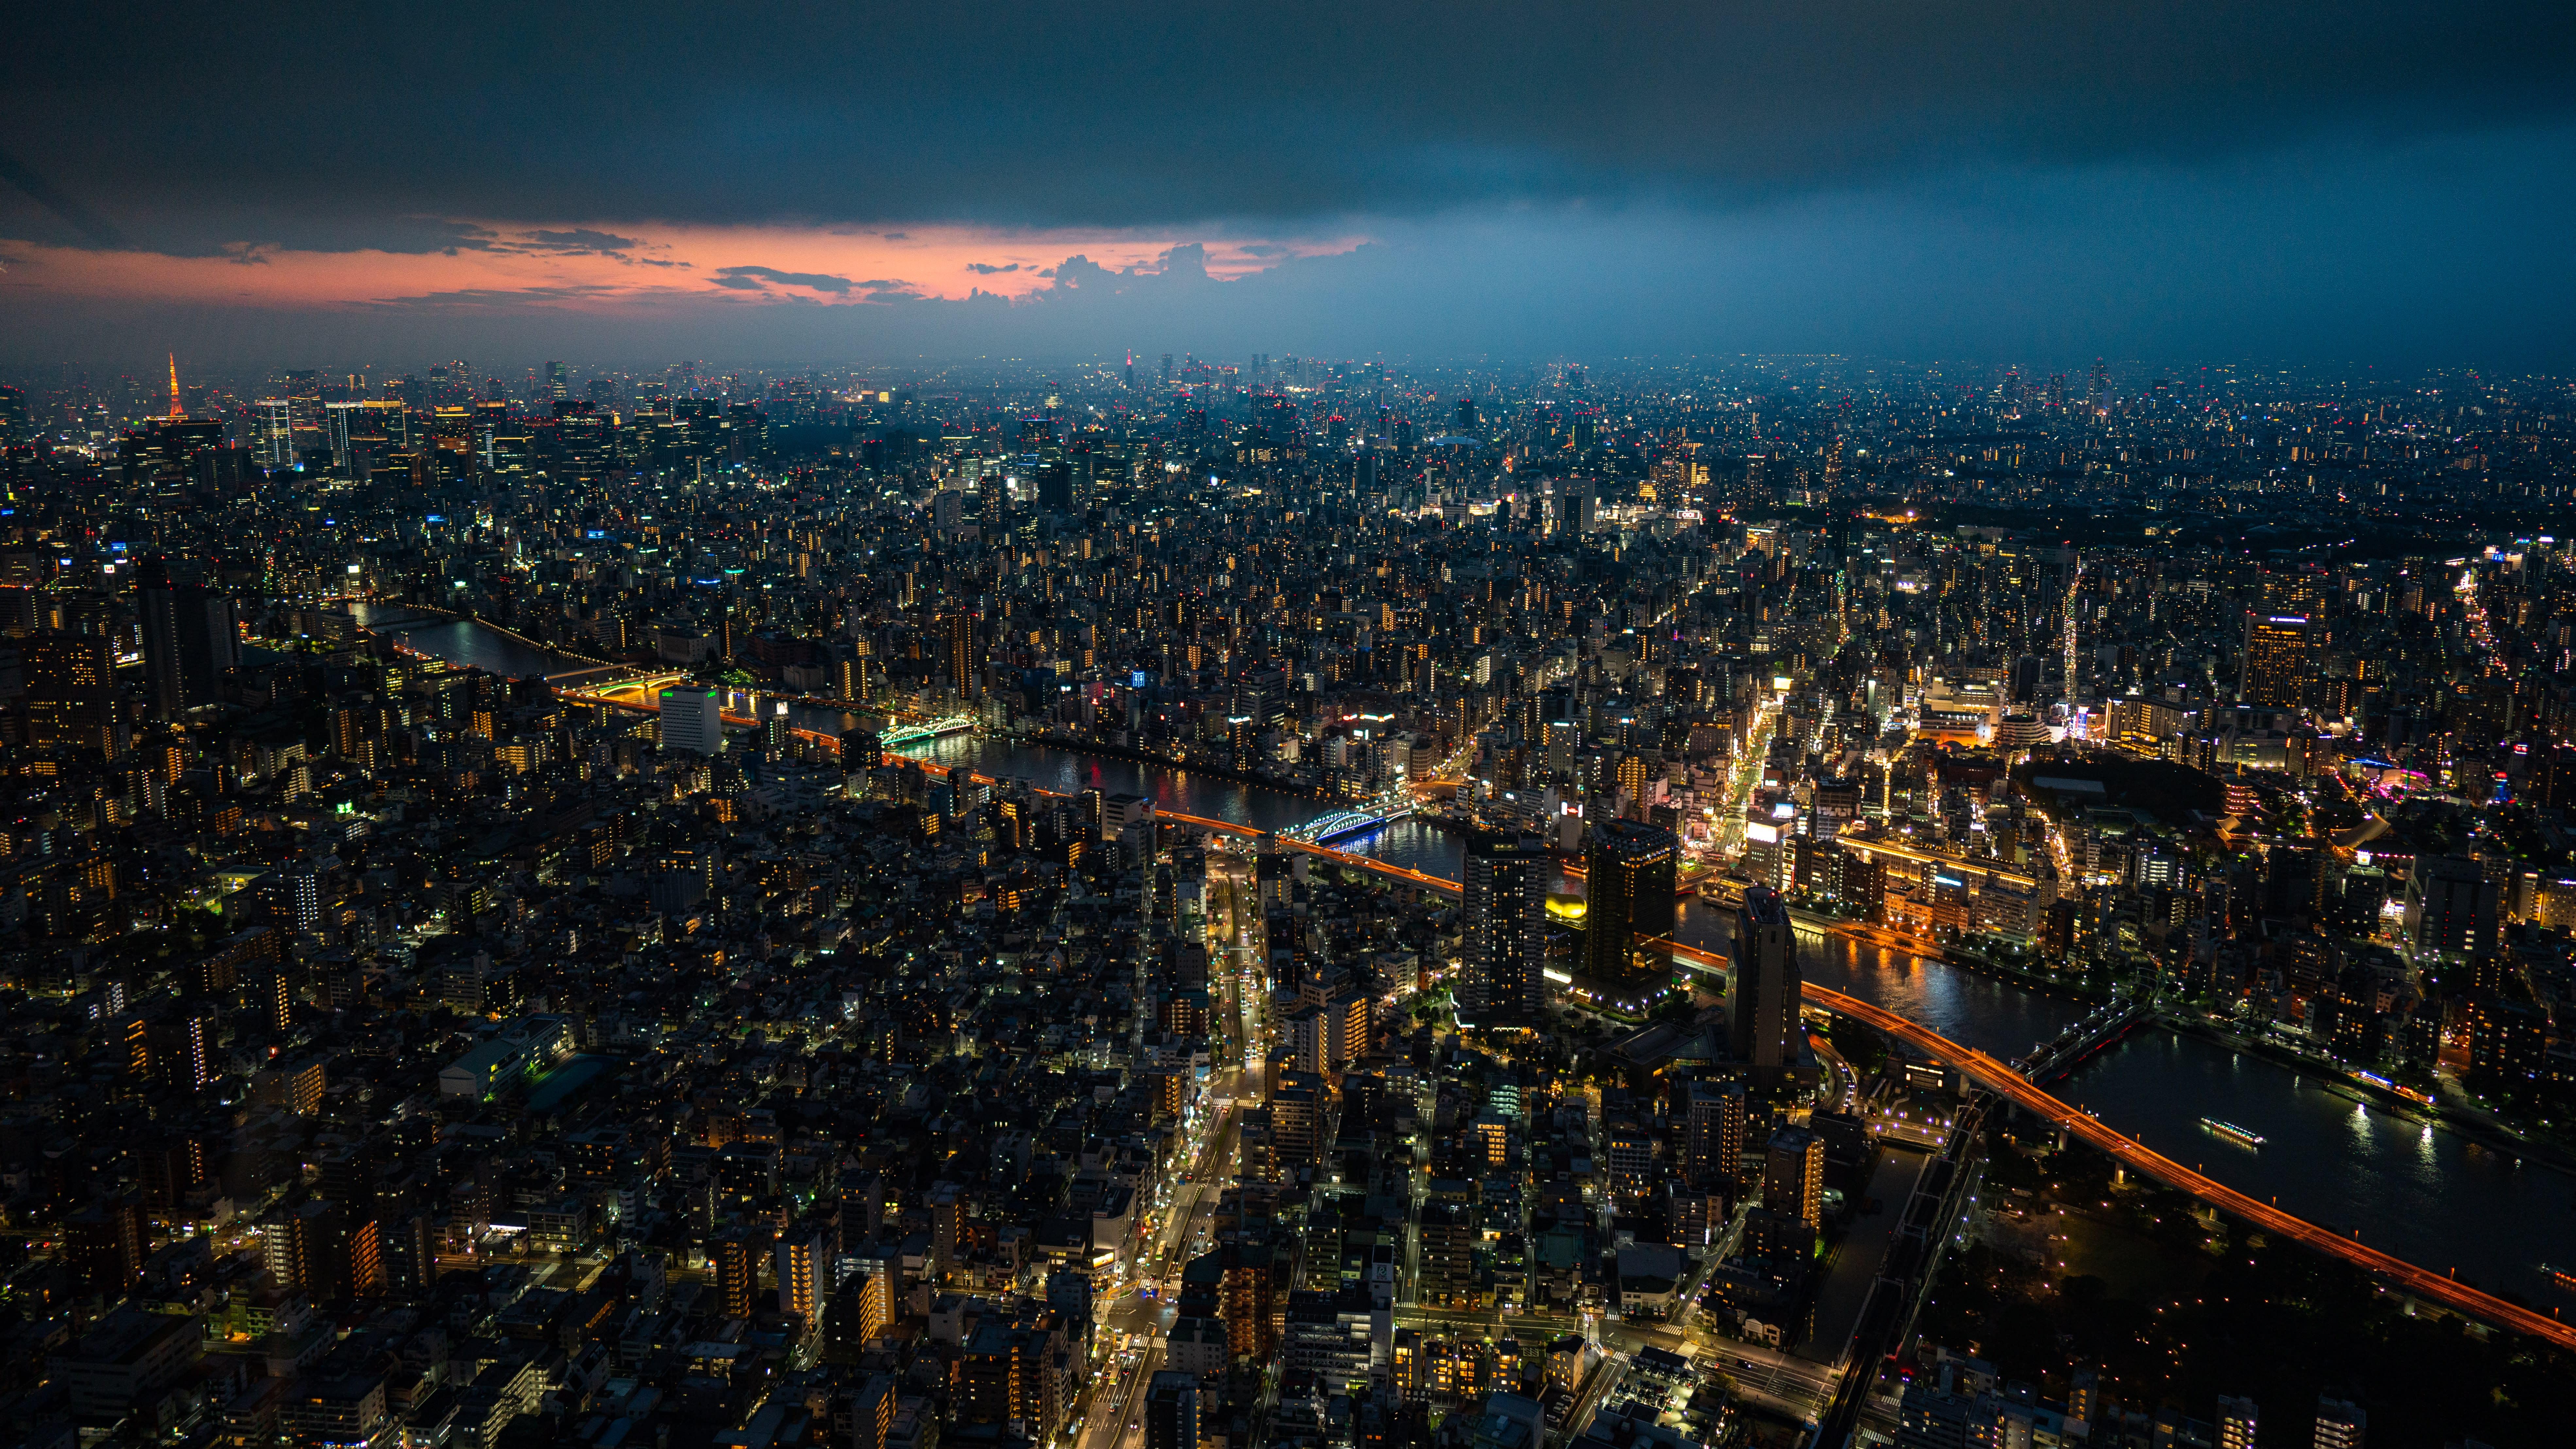 晴空塔展望台 夜景